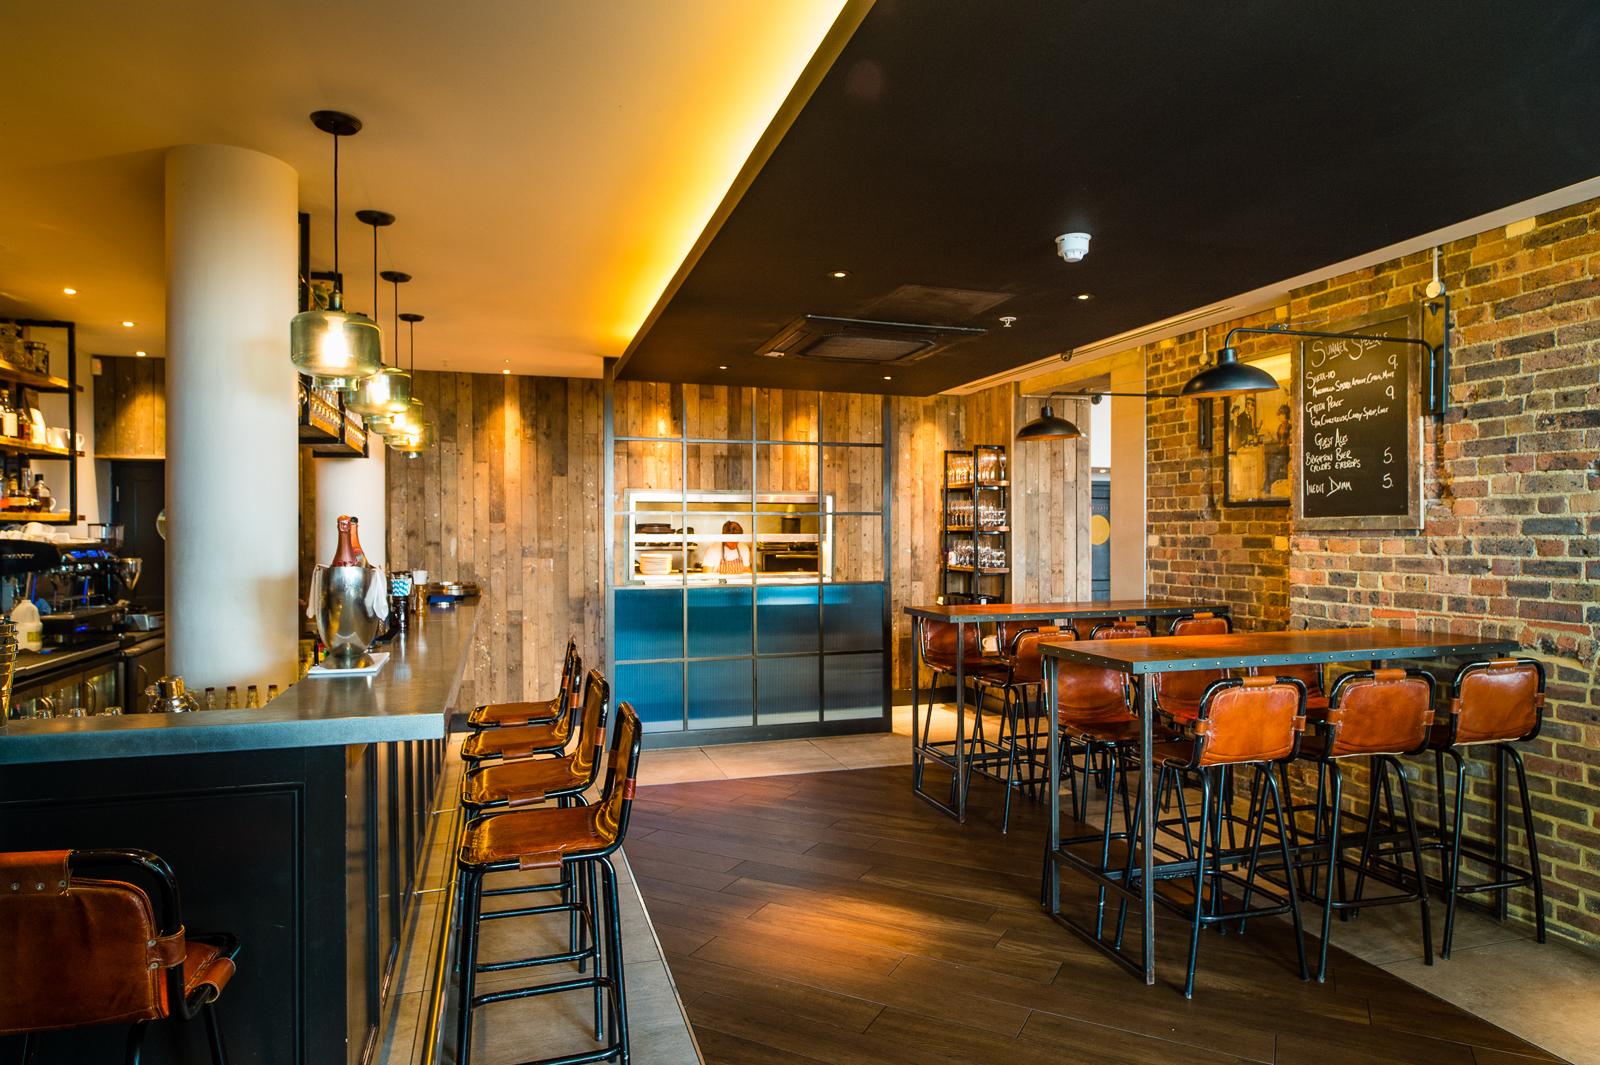 The bar at The Salt Room